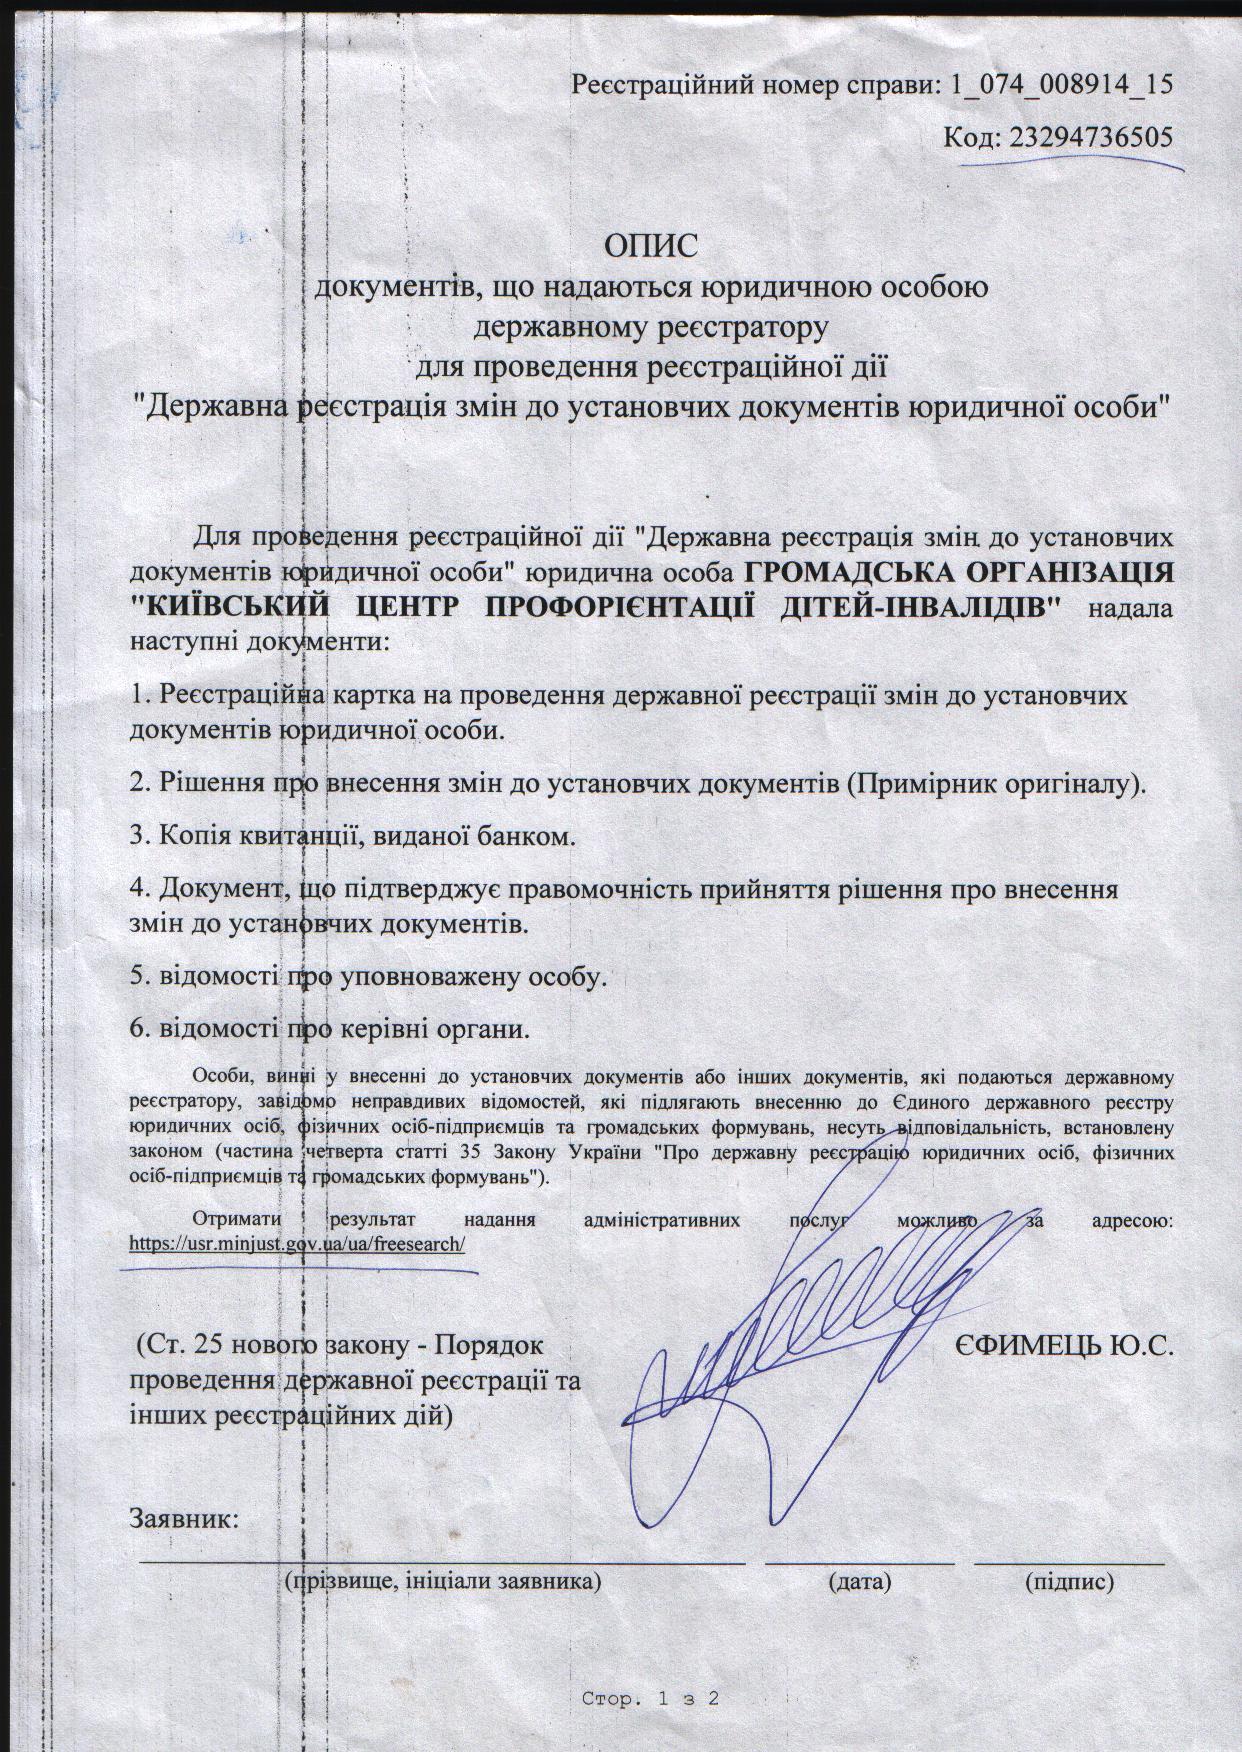 Центр проф ориентации детей инвалидов в Киеве